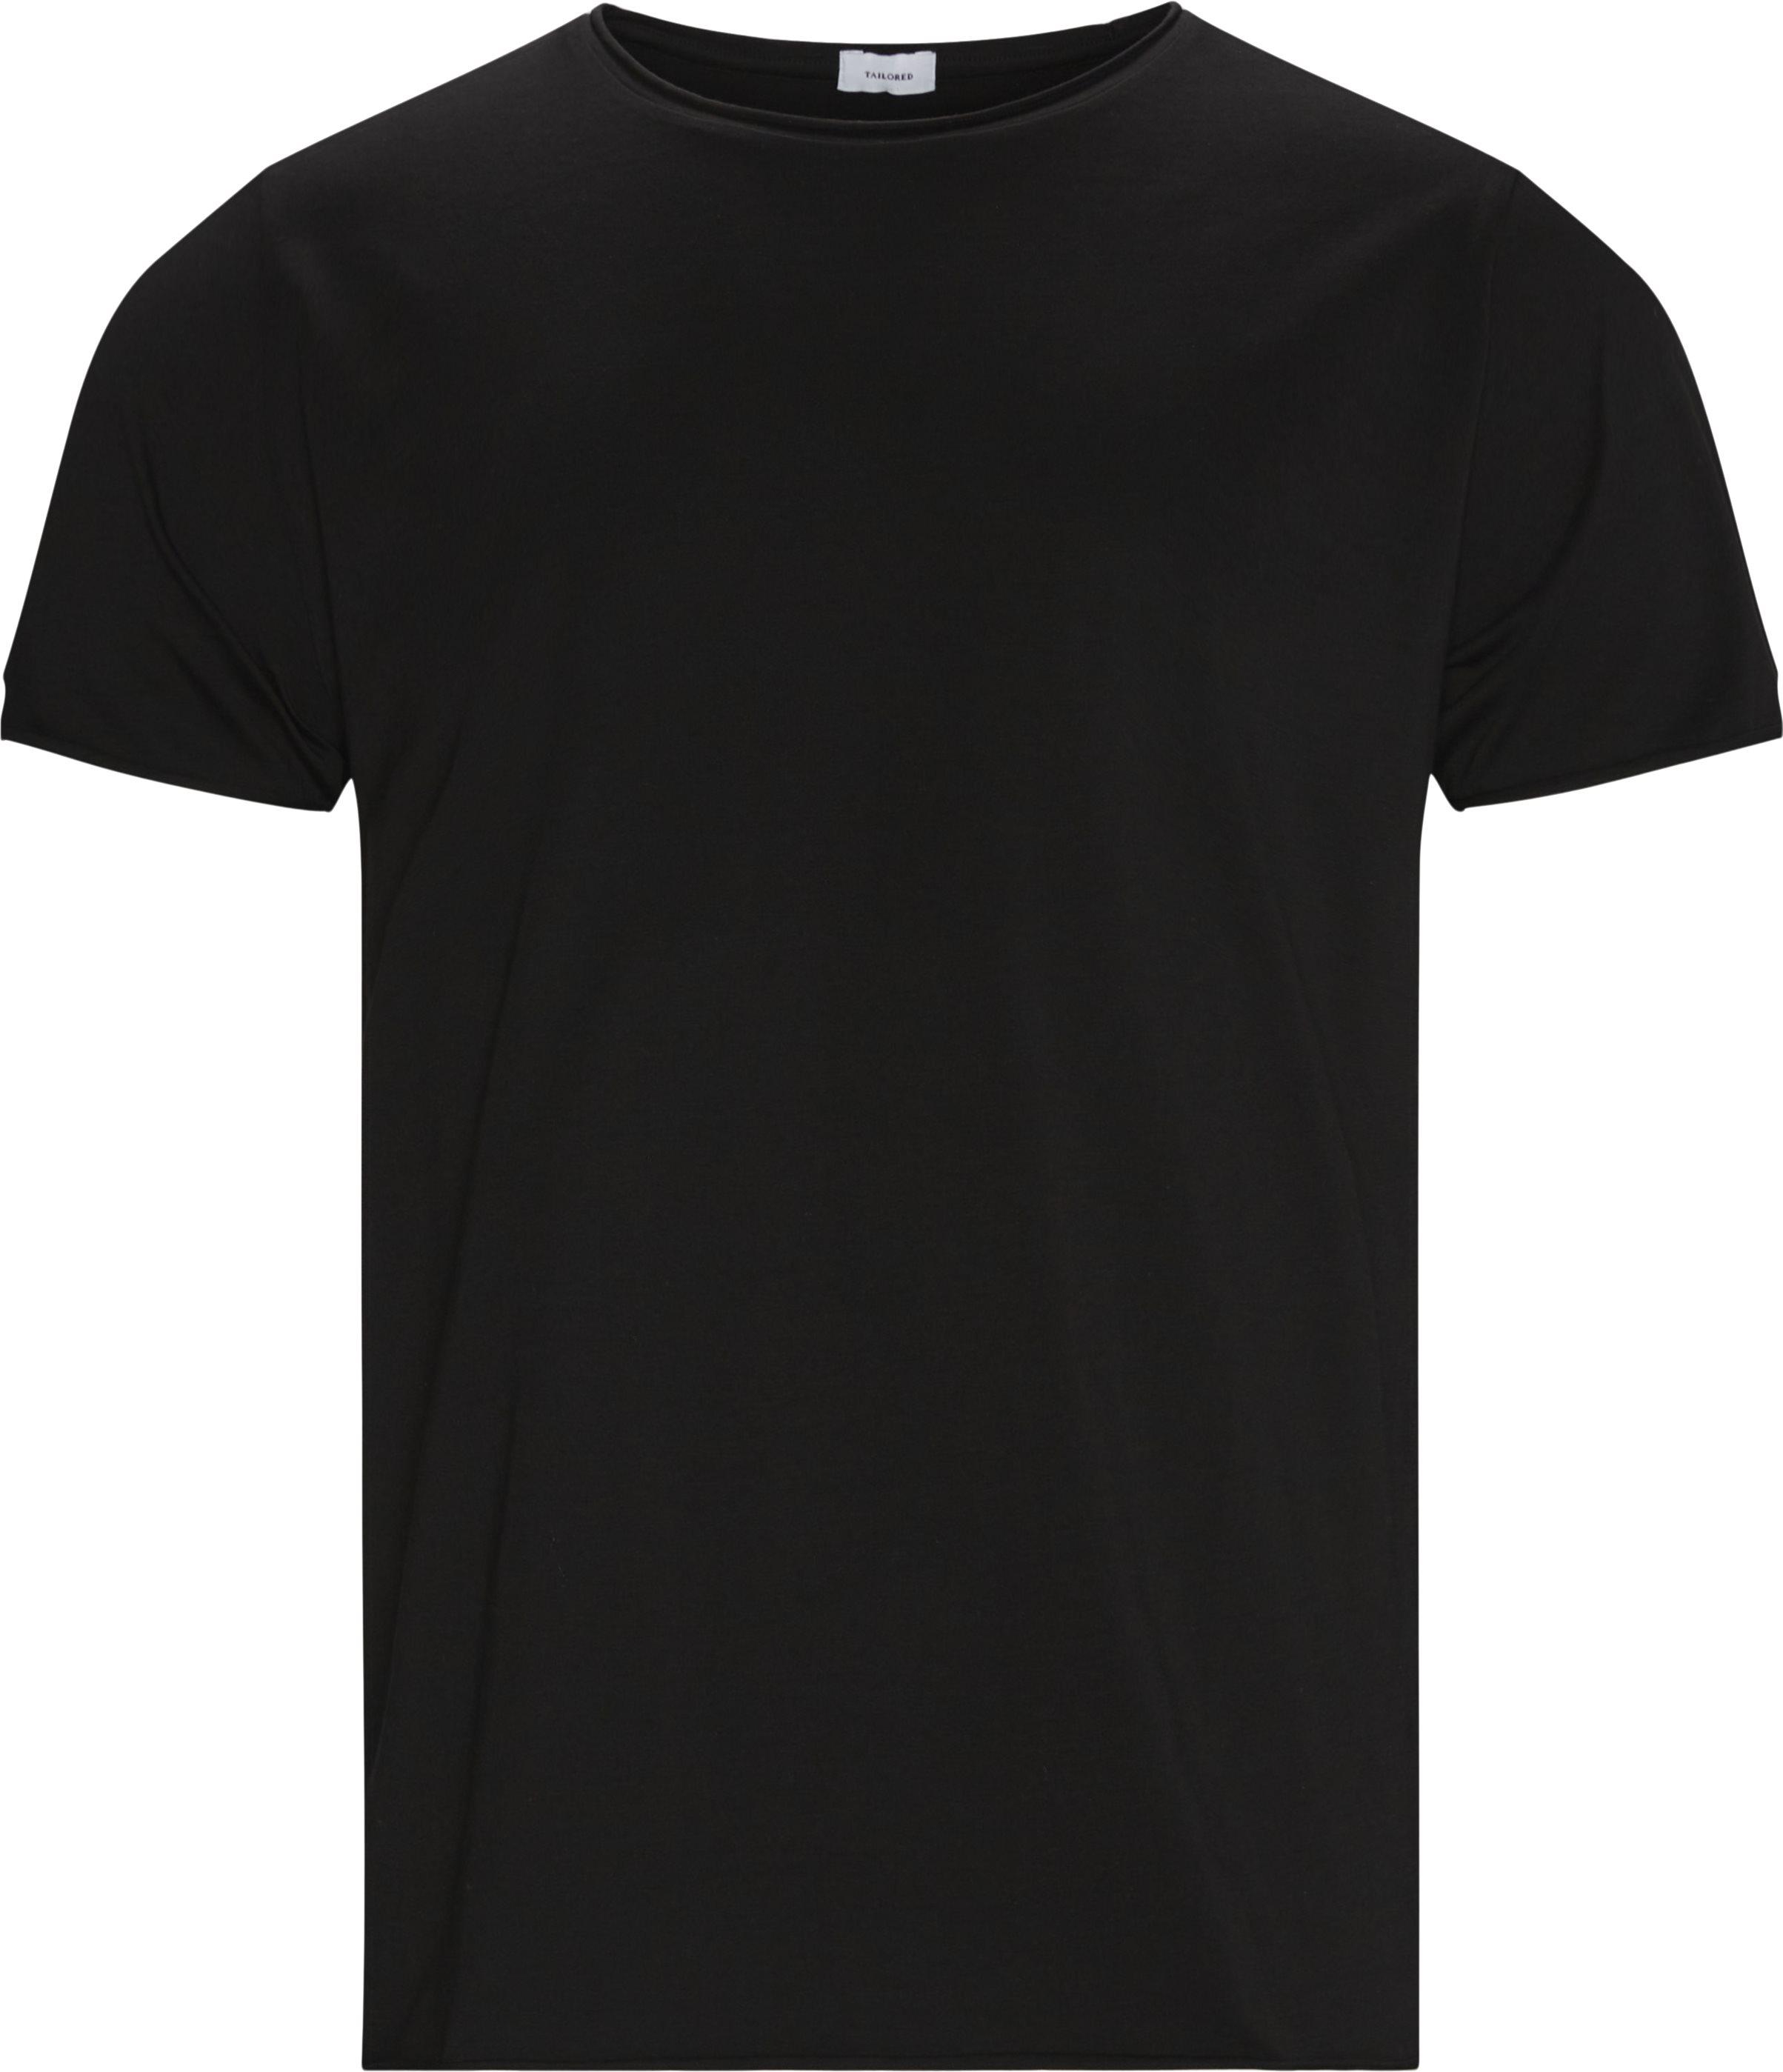 Raw Edge Tee - T-shirts - Regular fit - Sort